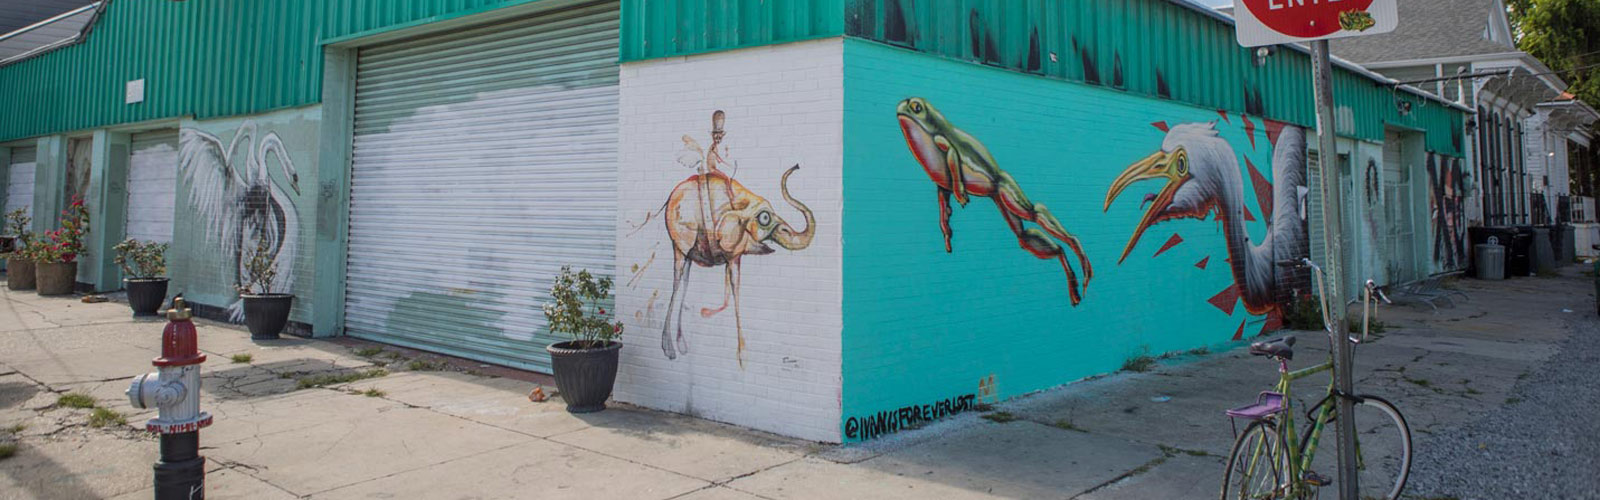 St. Roch New Orleans, LA